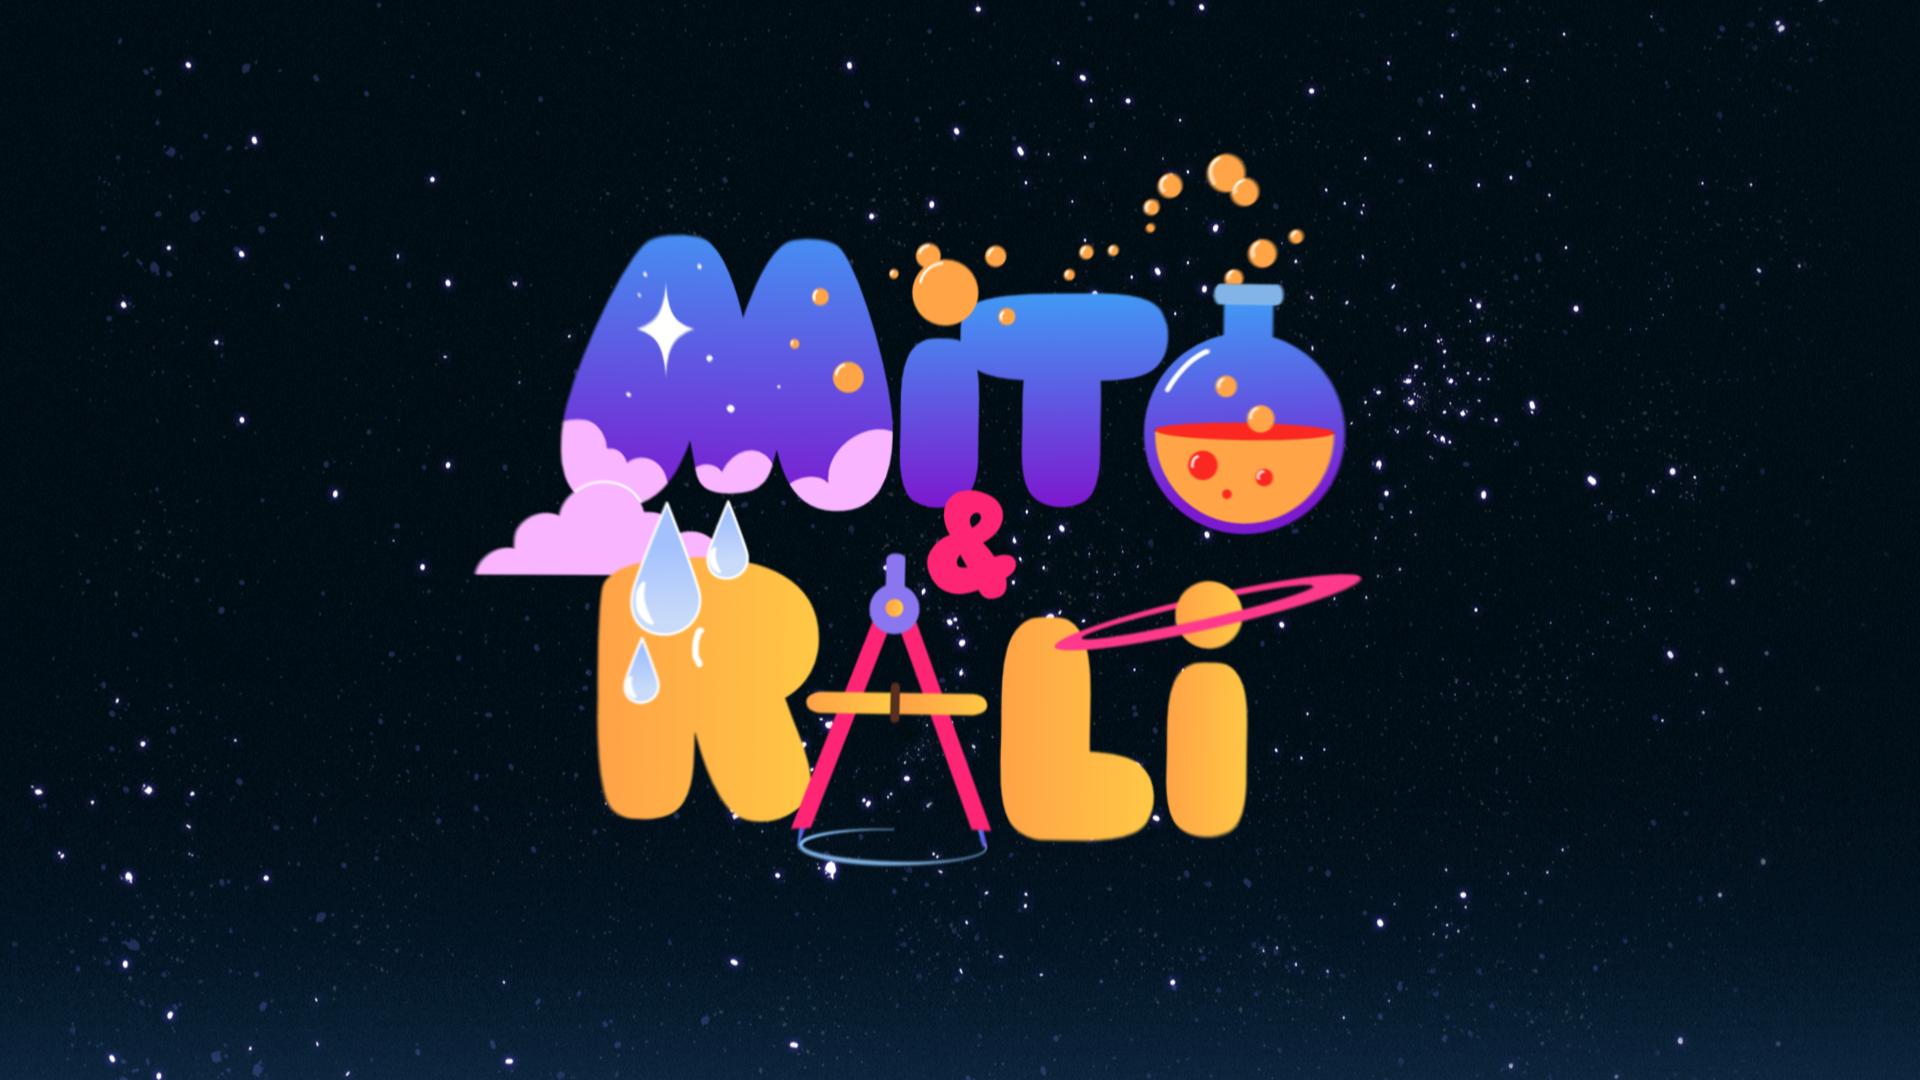 Mito y Rali